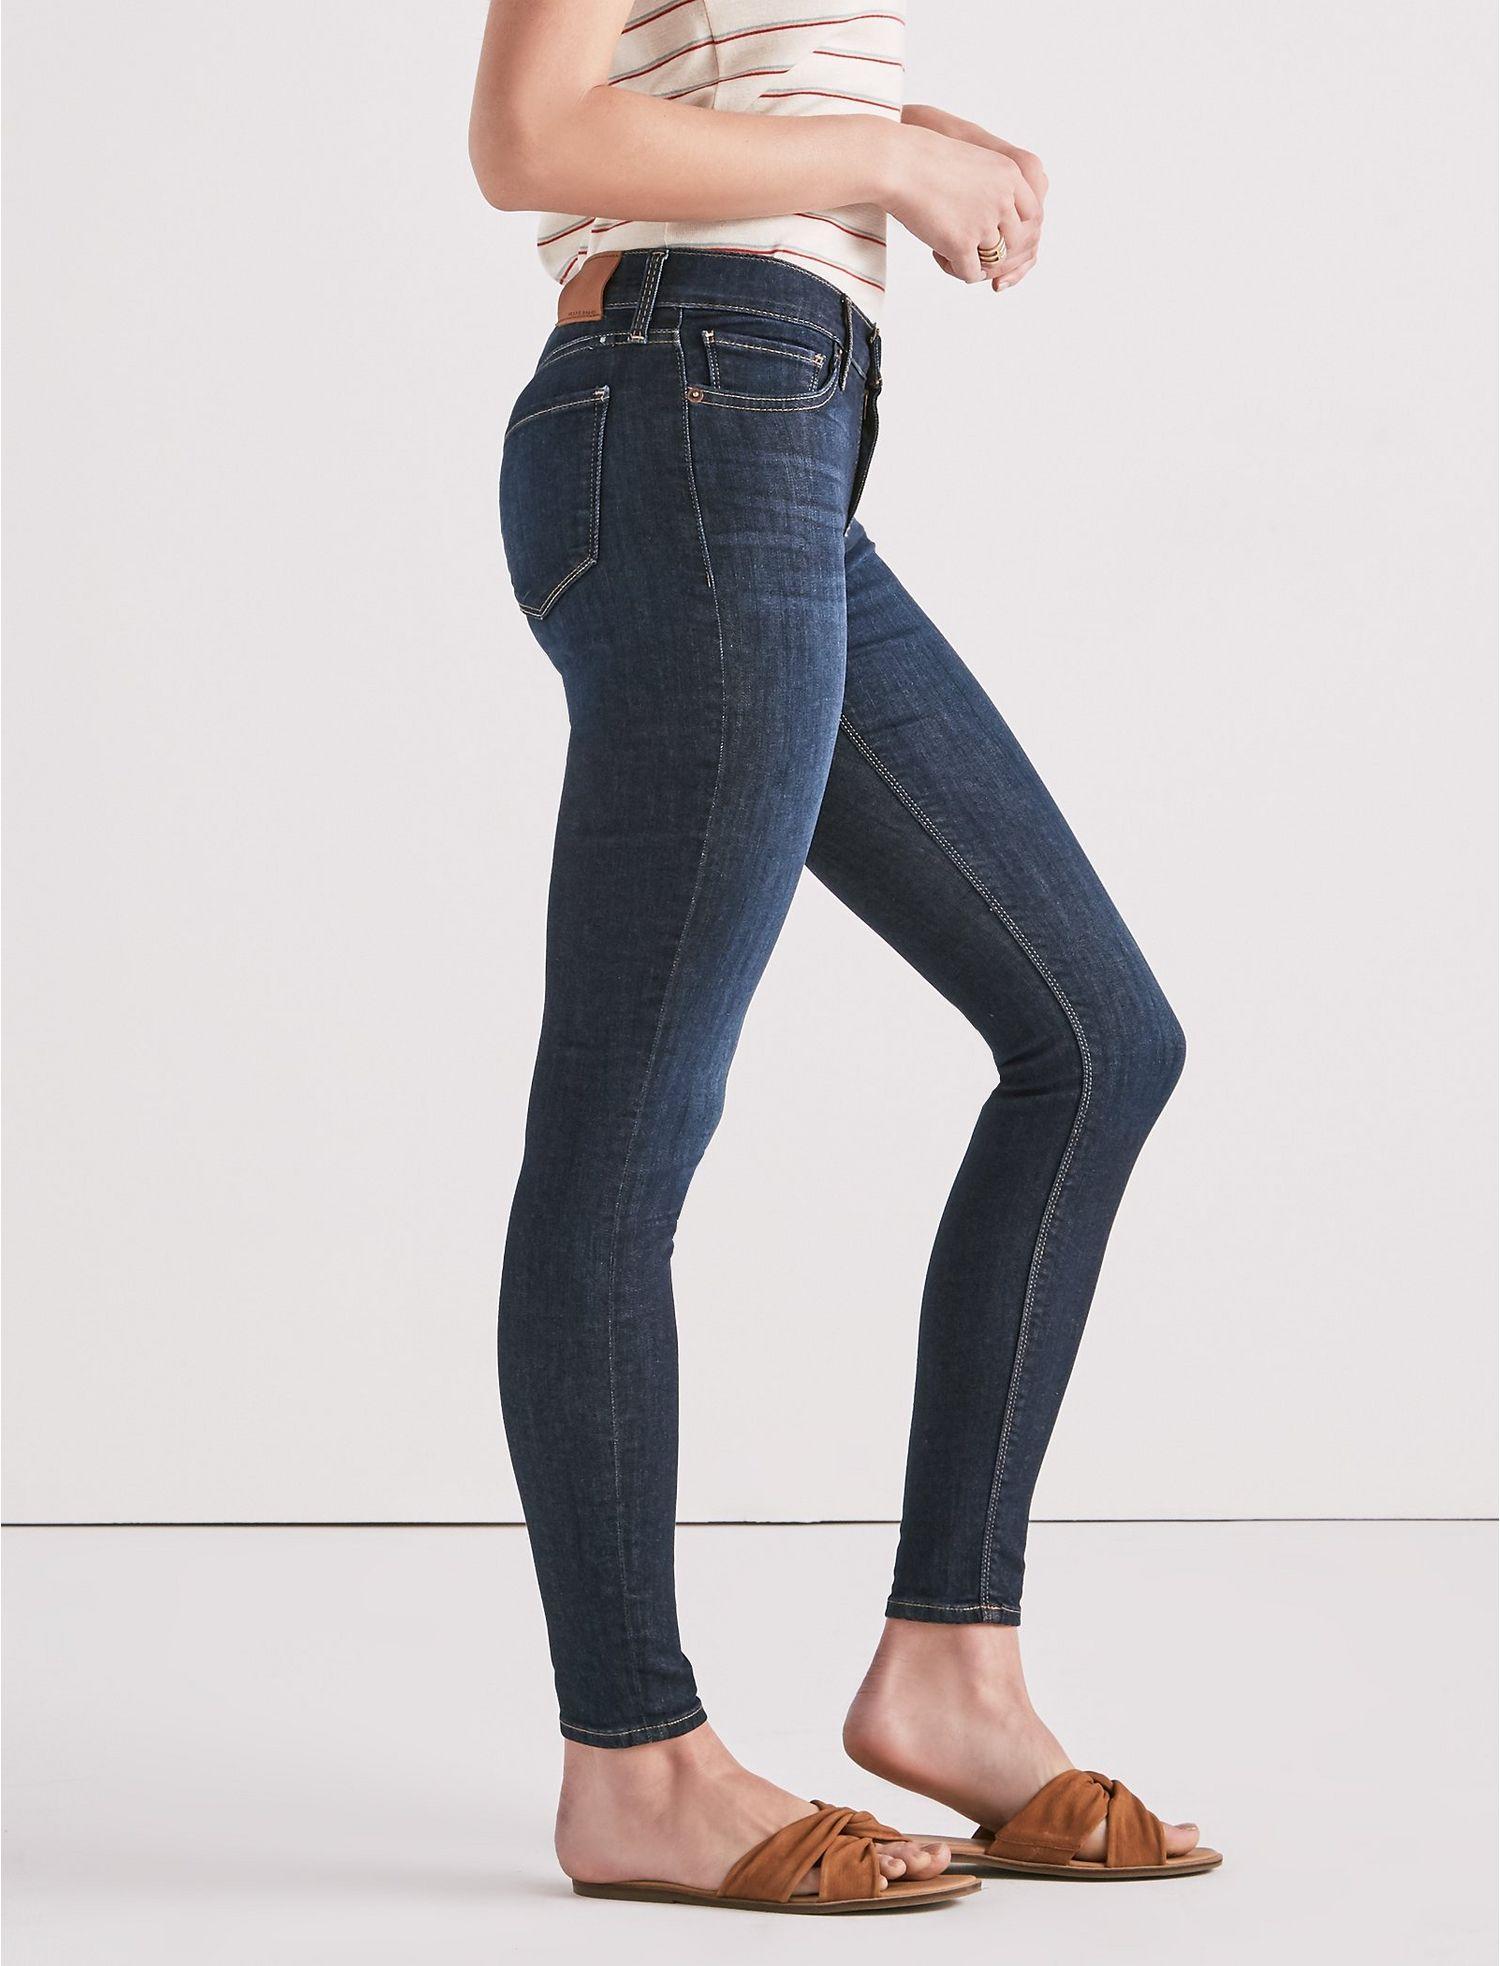 c7d8a71c21eee Lucky Brand Brooke Legging Jean in Blue - Lyst